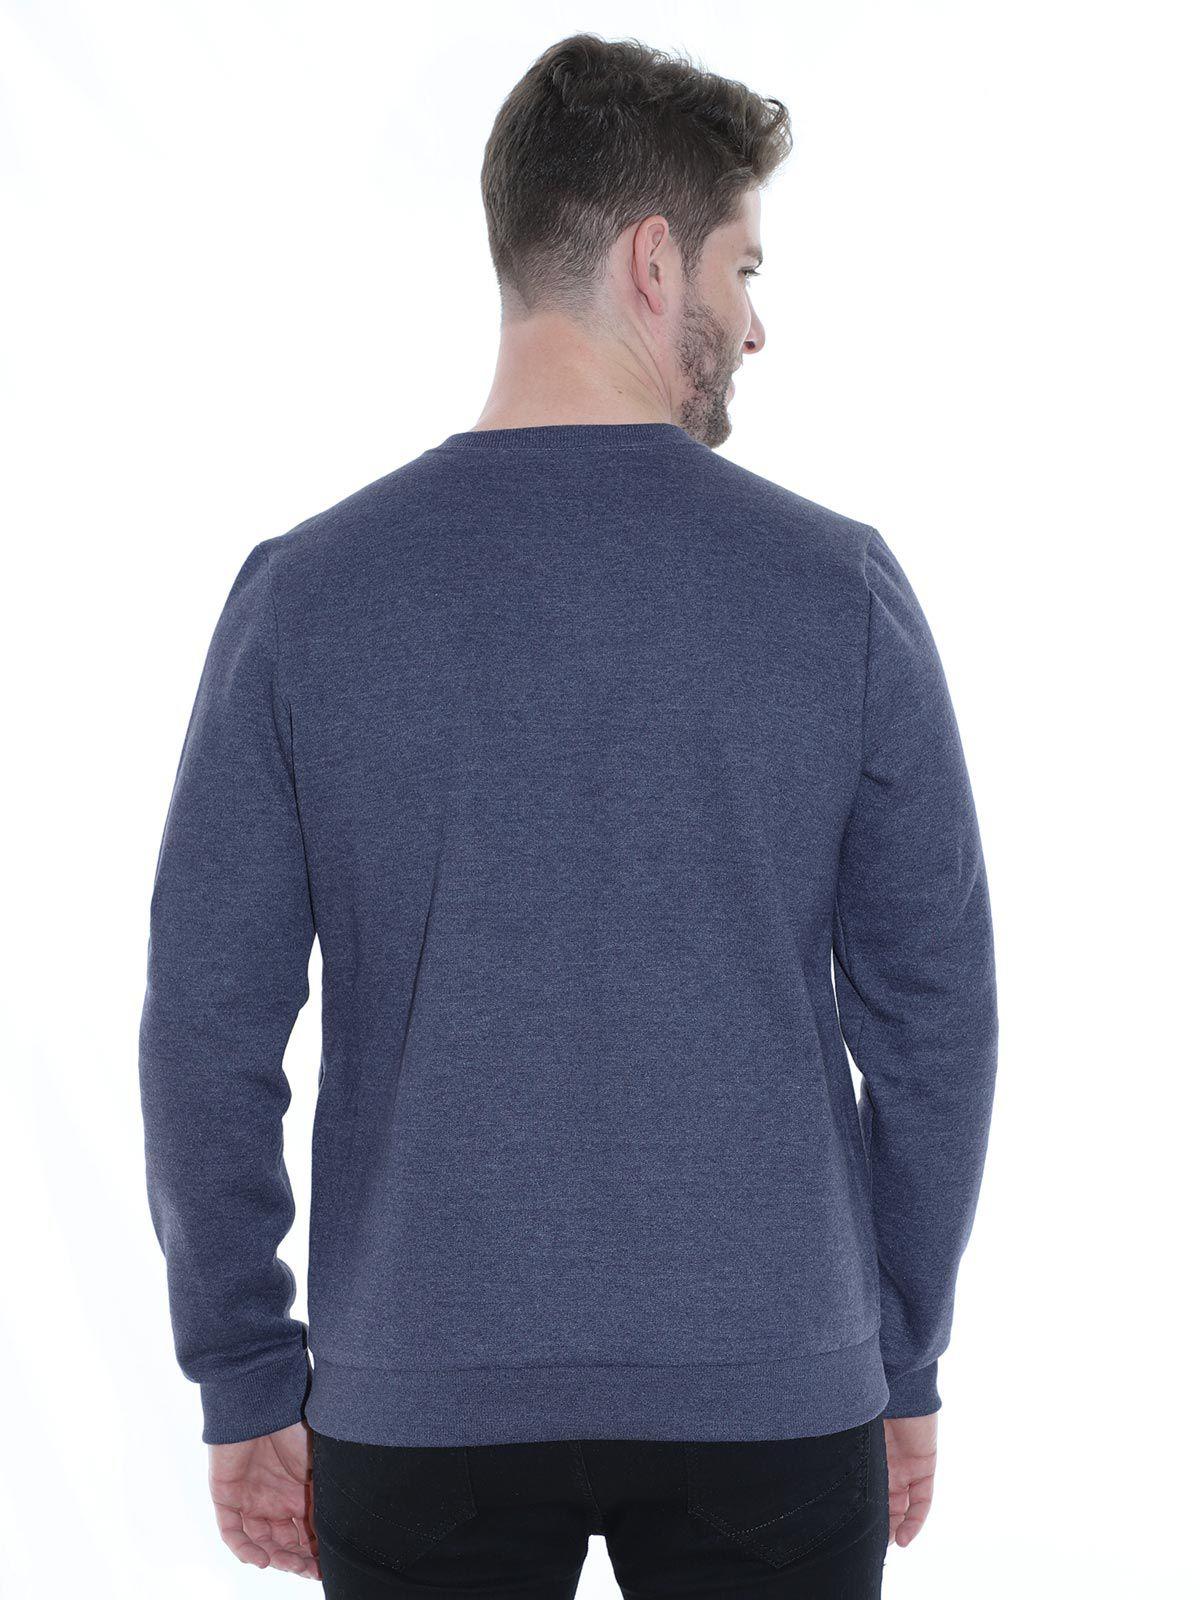 Blusa Gola Careca de Moletom Mescla Anistia Azul Marinho